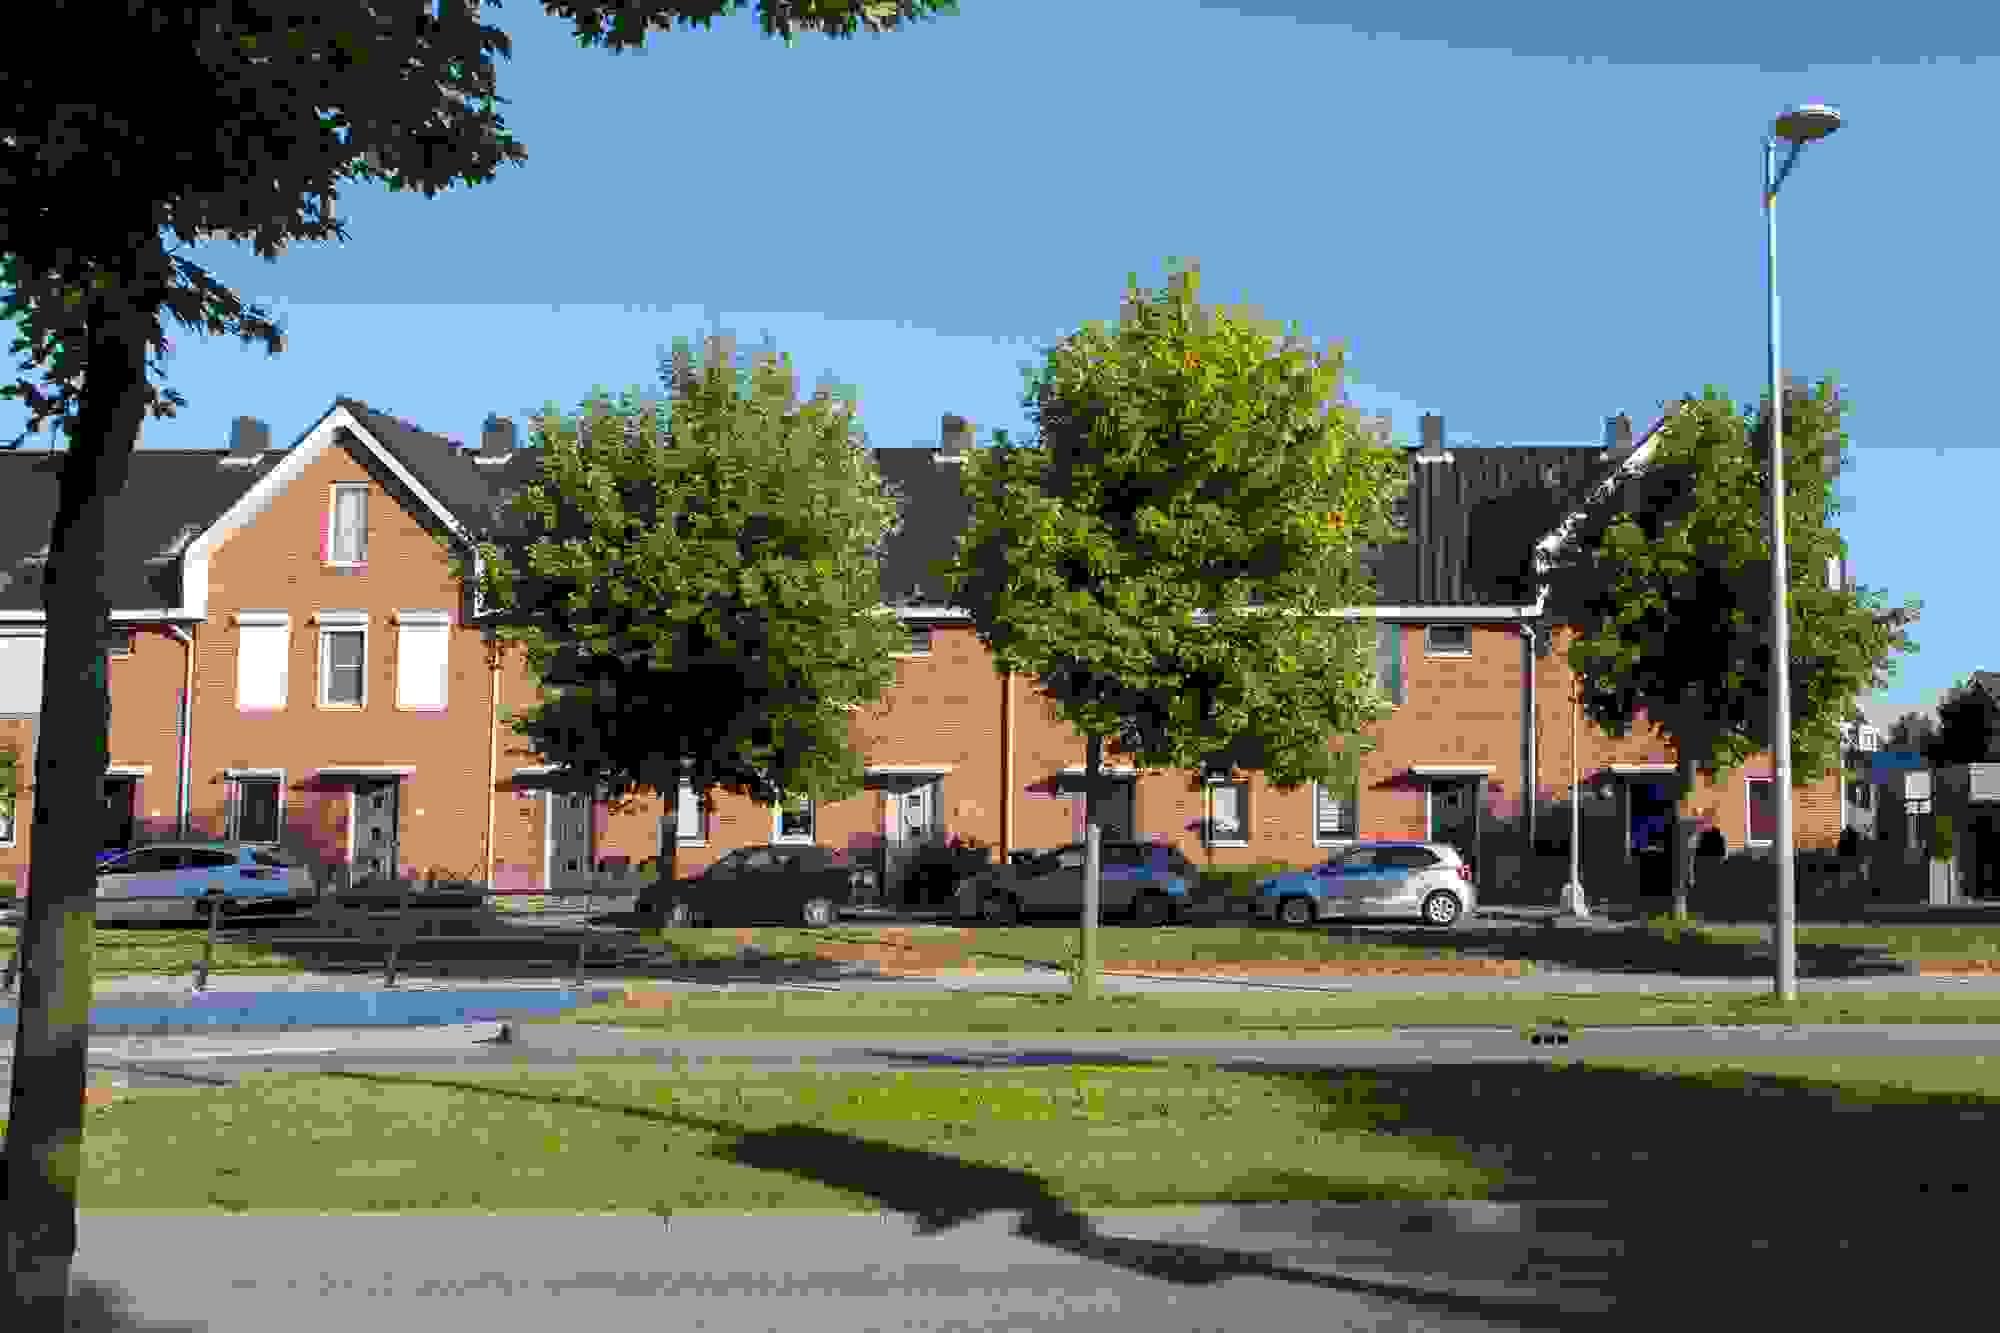 Een Huis Kopen Zonder Hypotheek De Voordelen En Nadelen Wegwijsnl